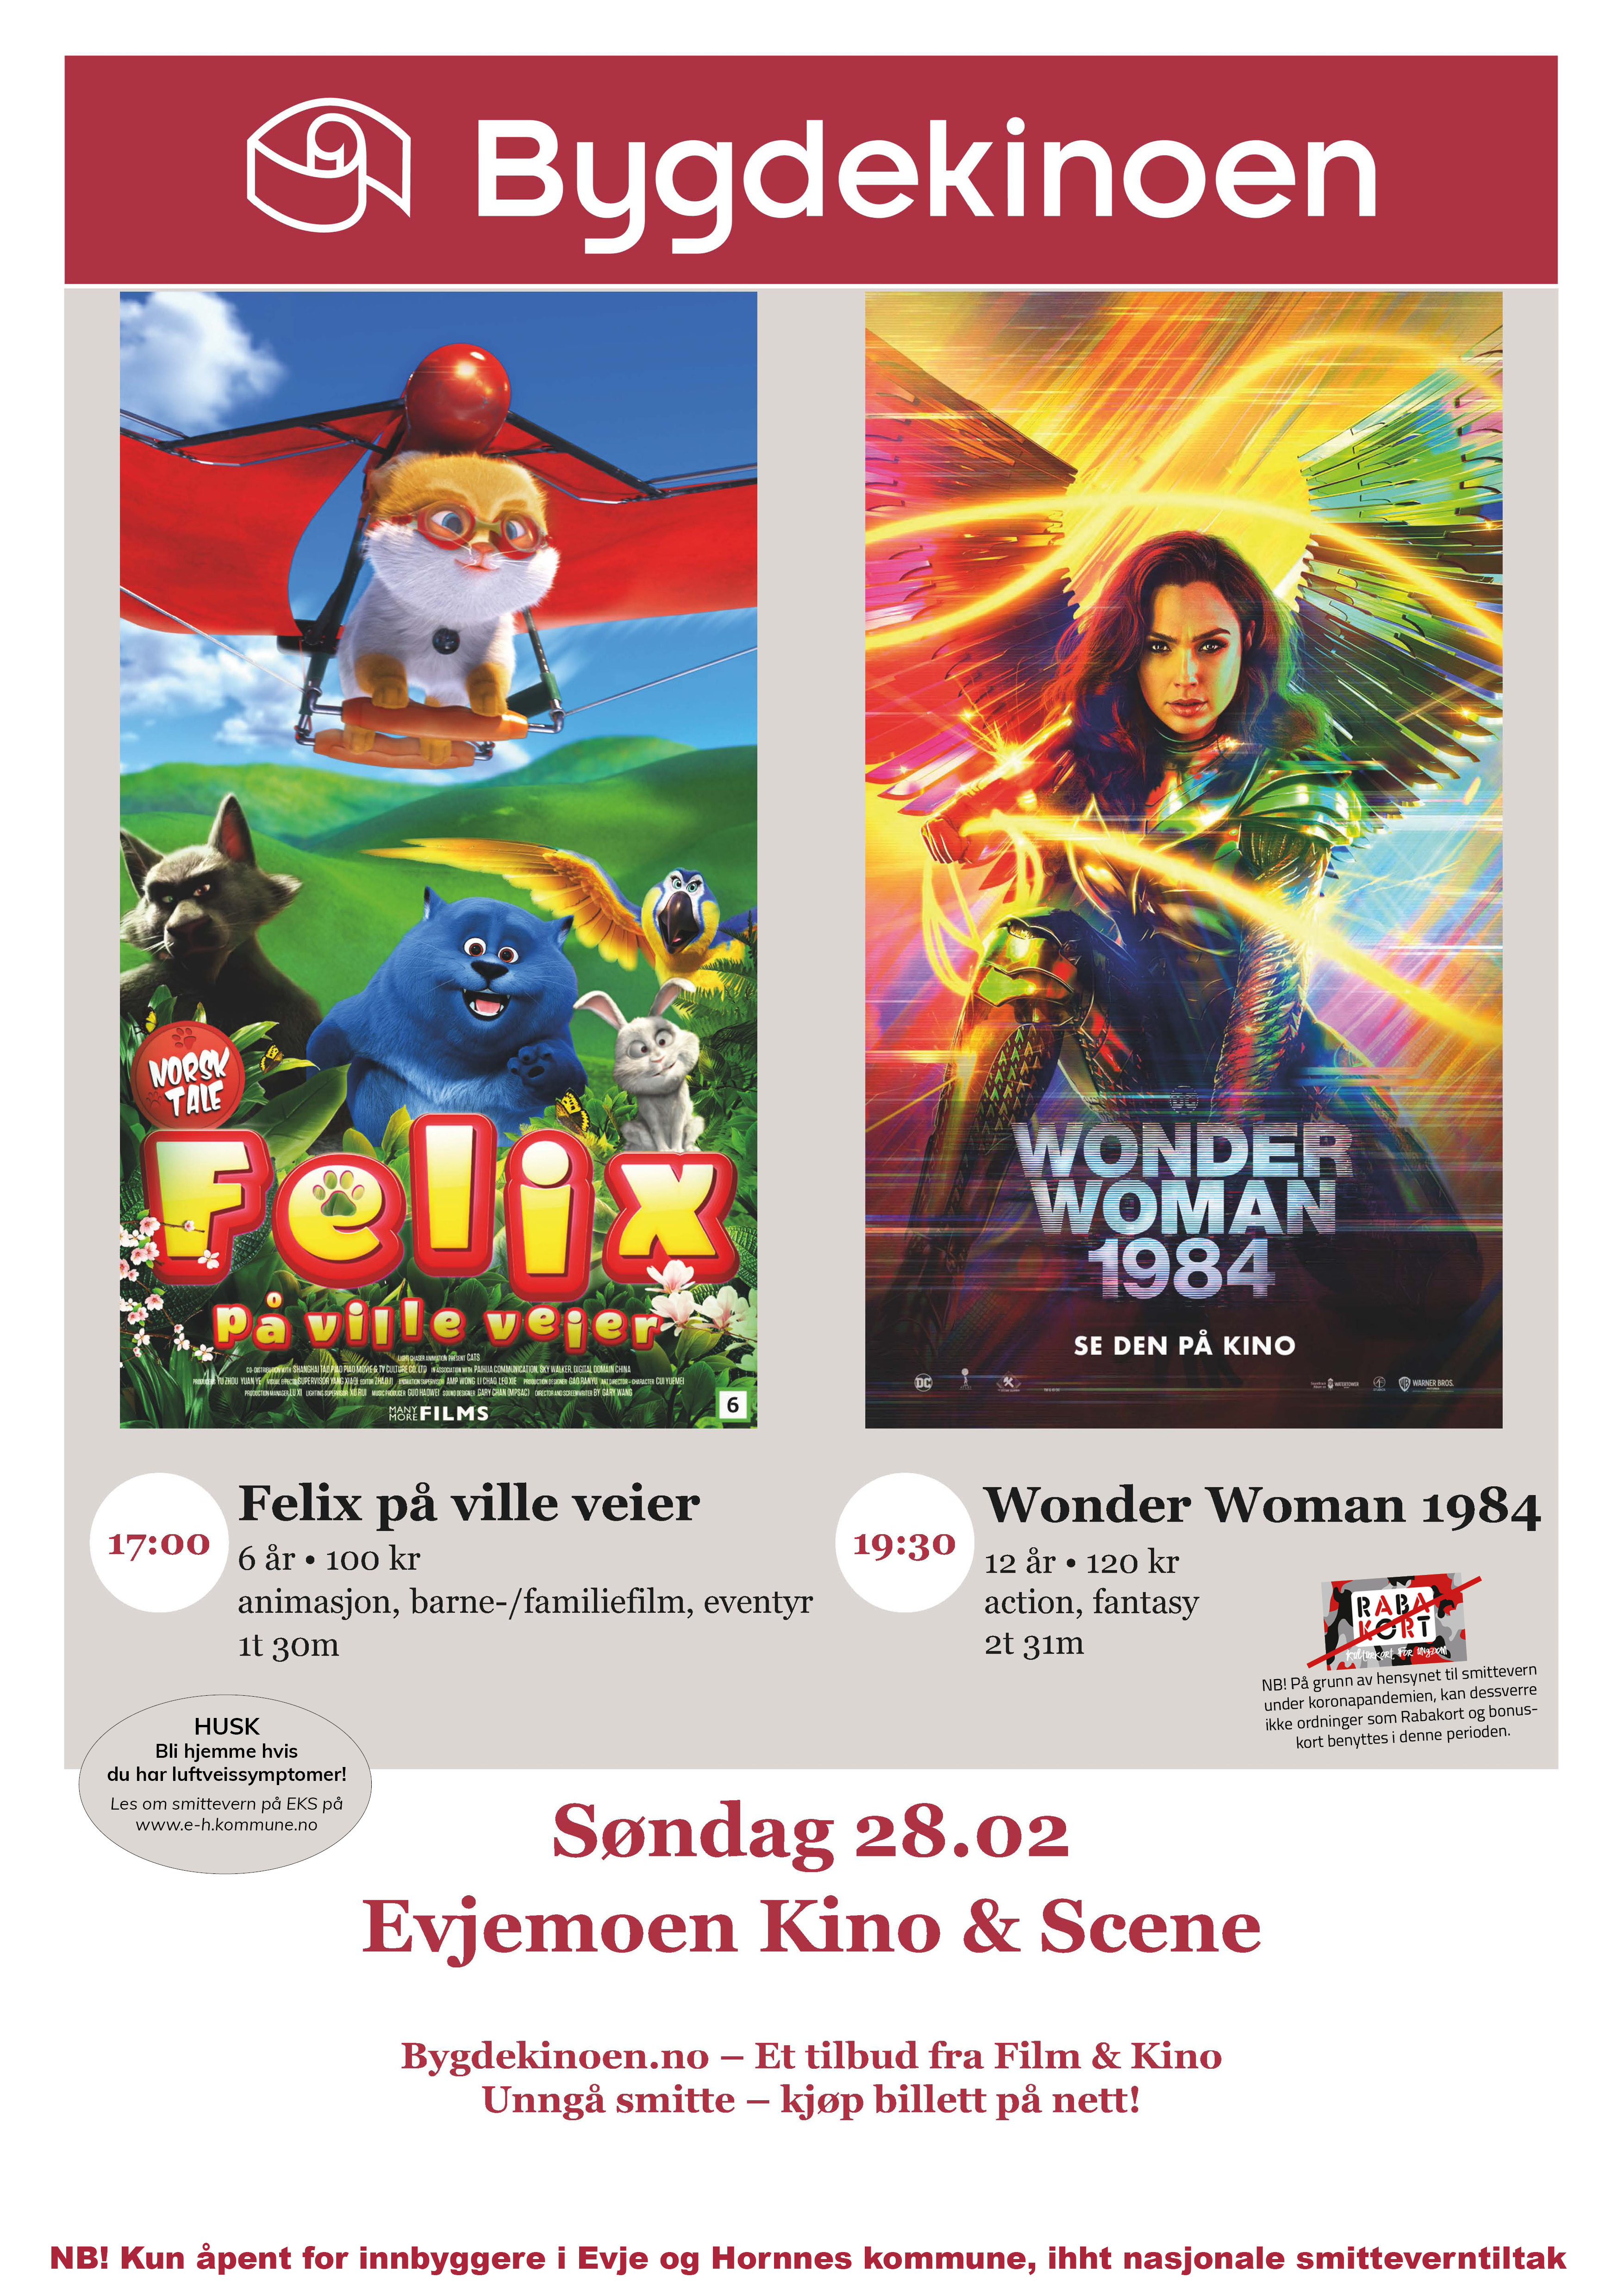 Plakat som viser at filmene